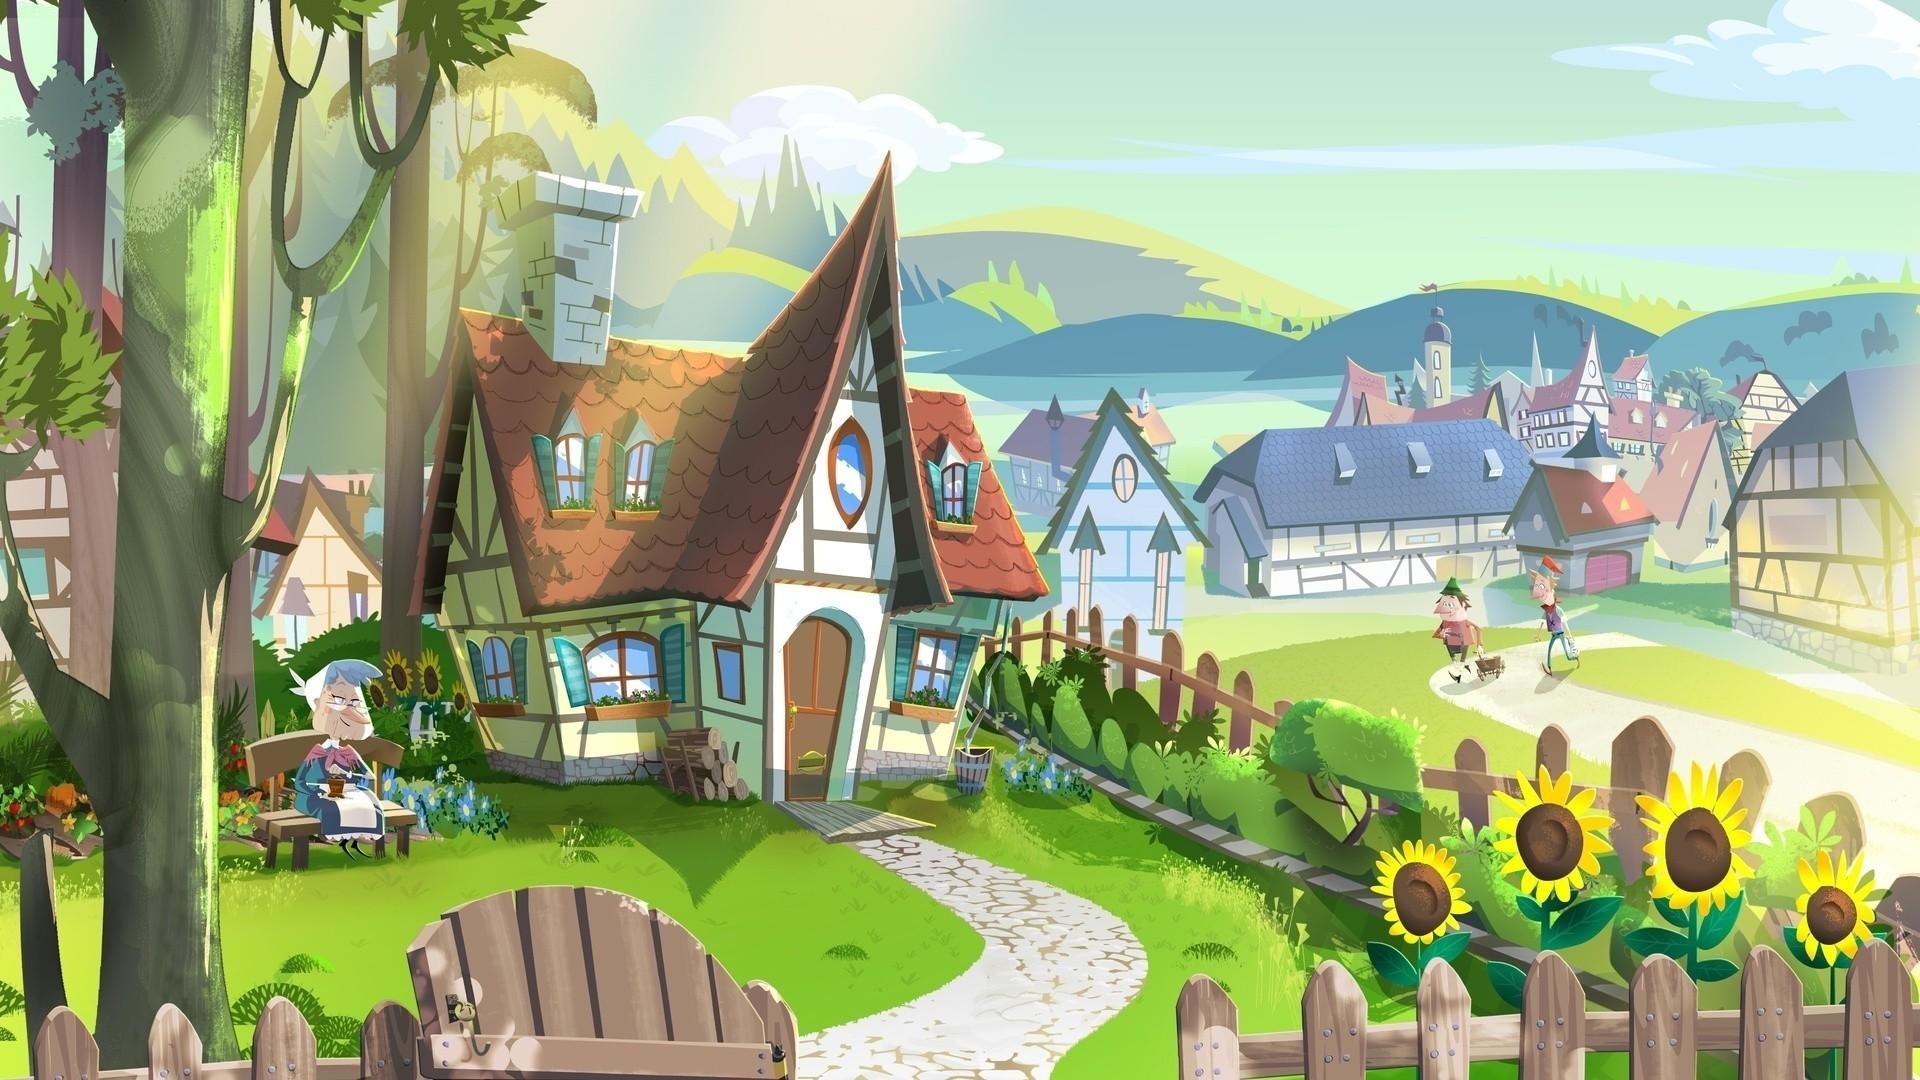 Leaf Village a wallpaper